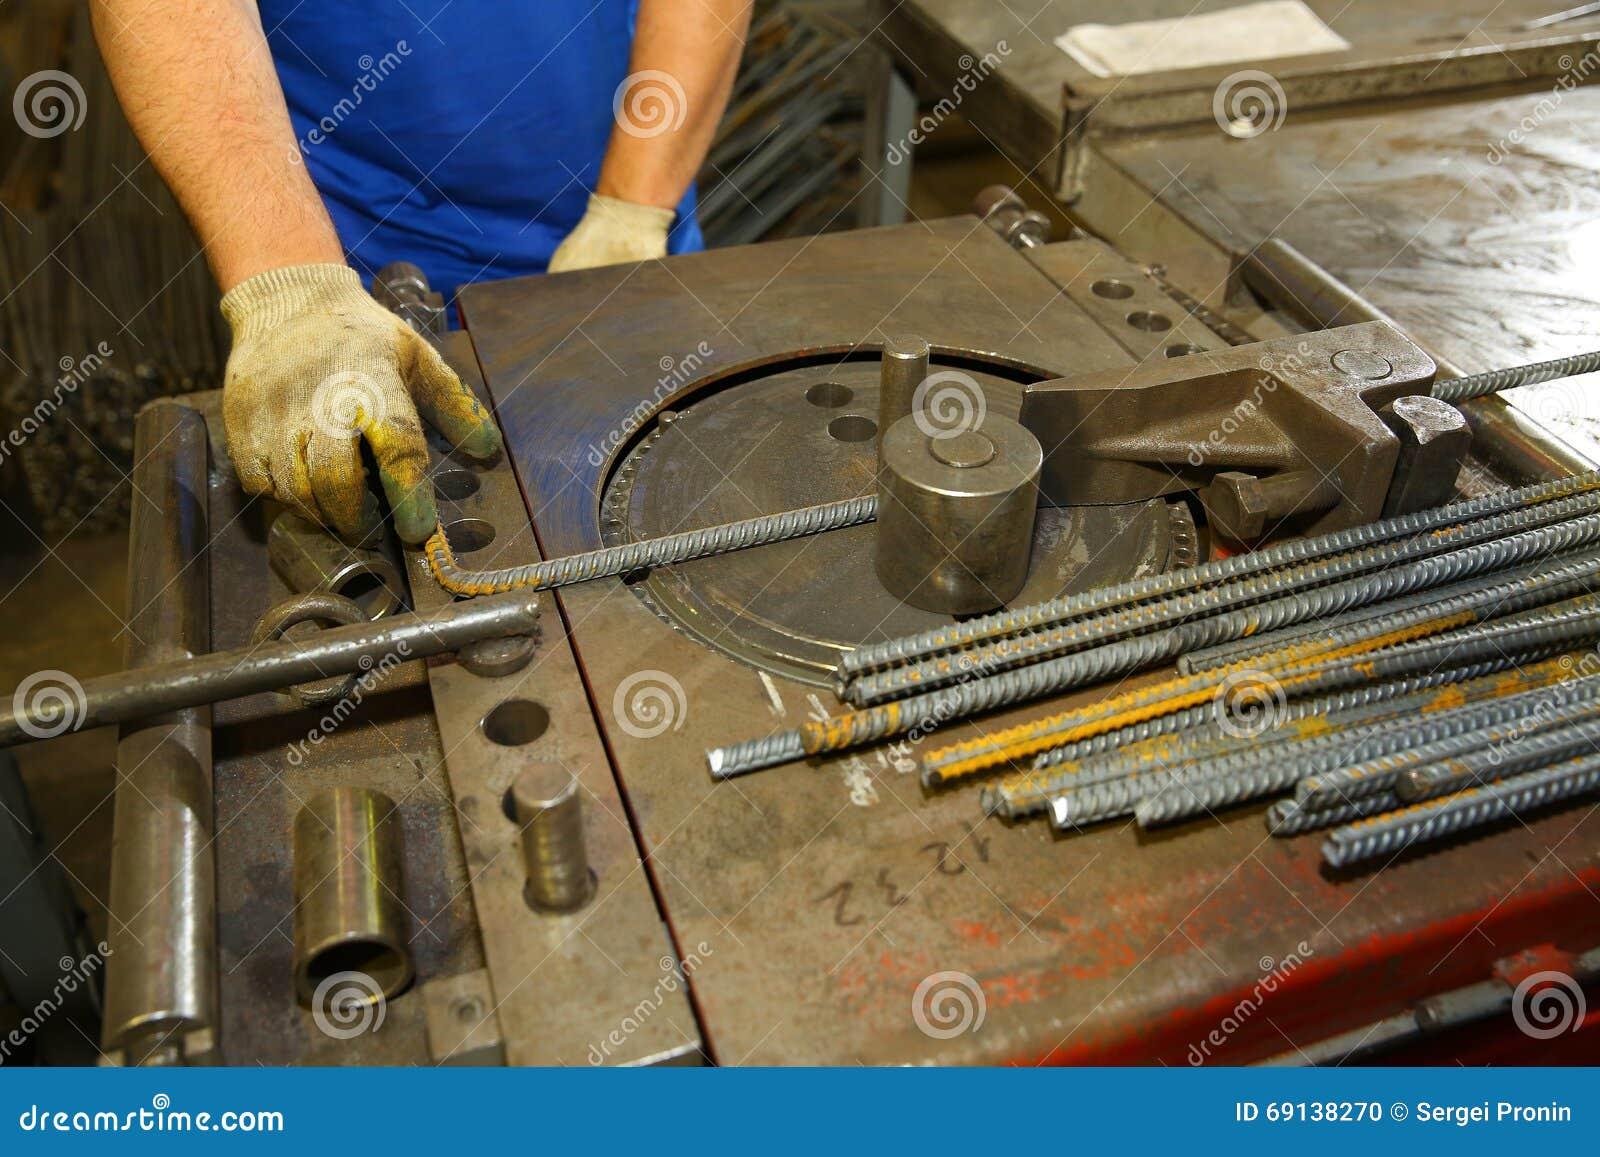 photo stock spcialiste employant le rebar de cintreuse machine cintrer d acier pour la construction image